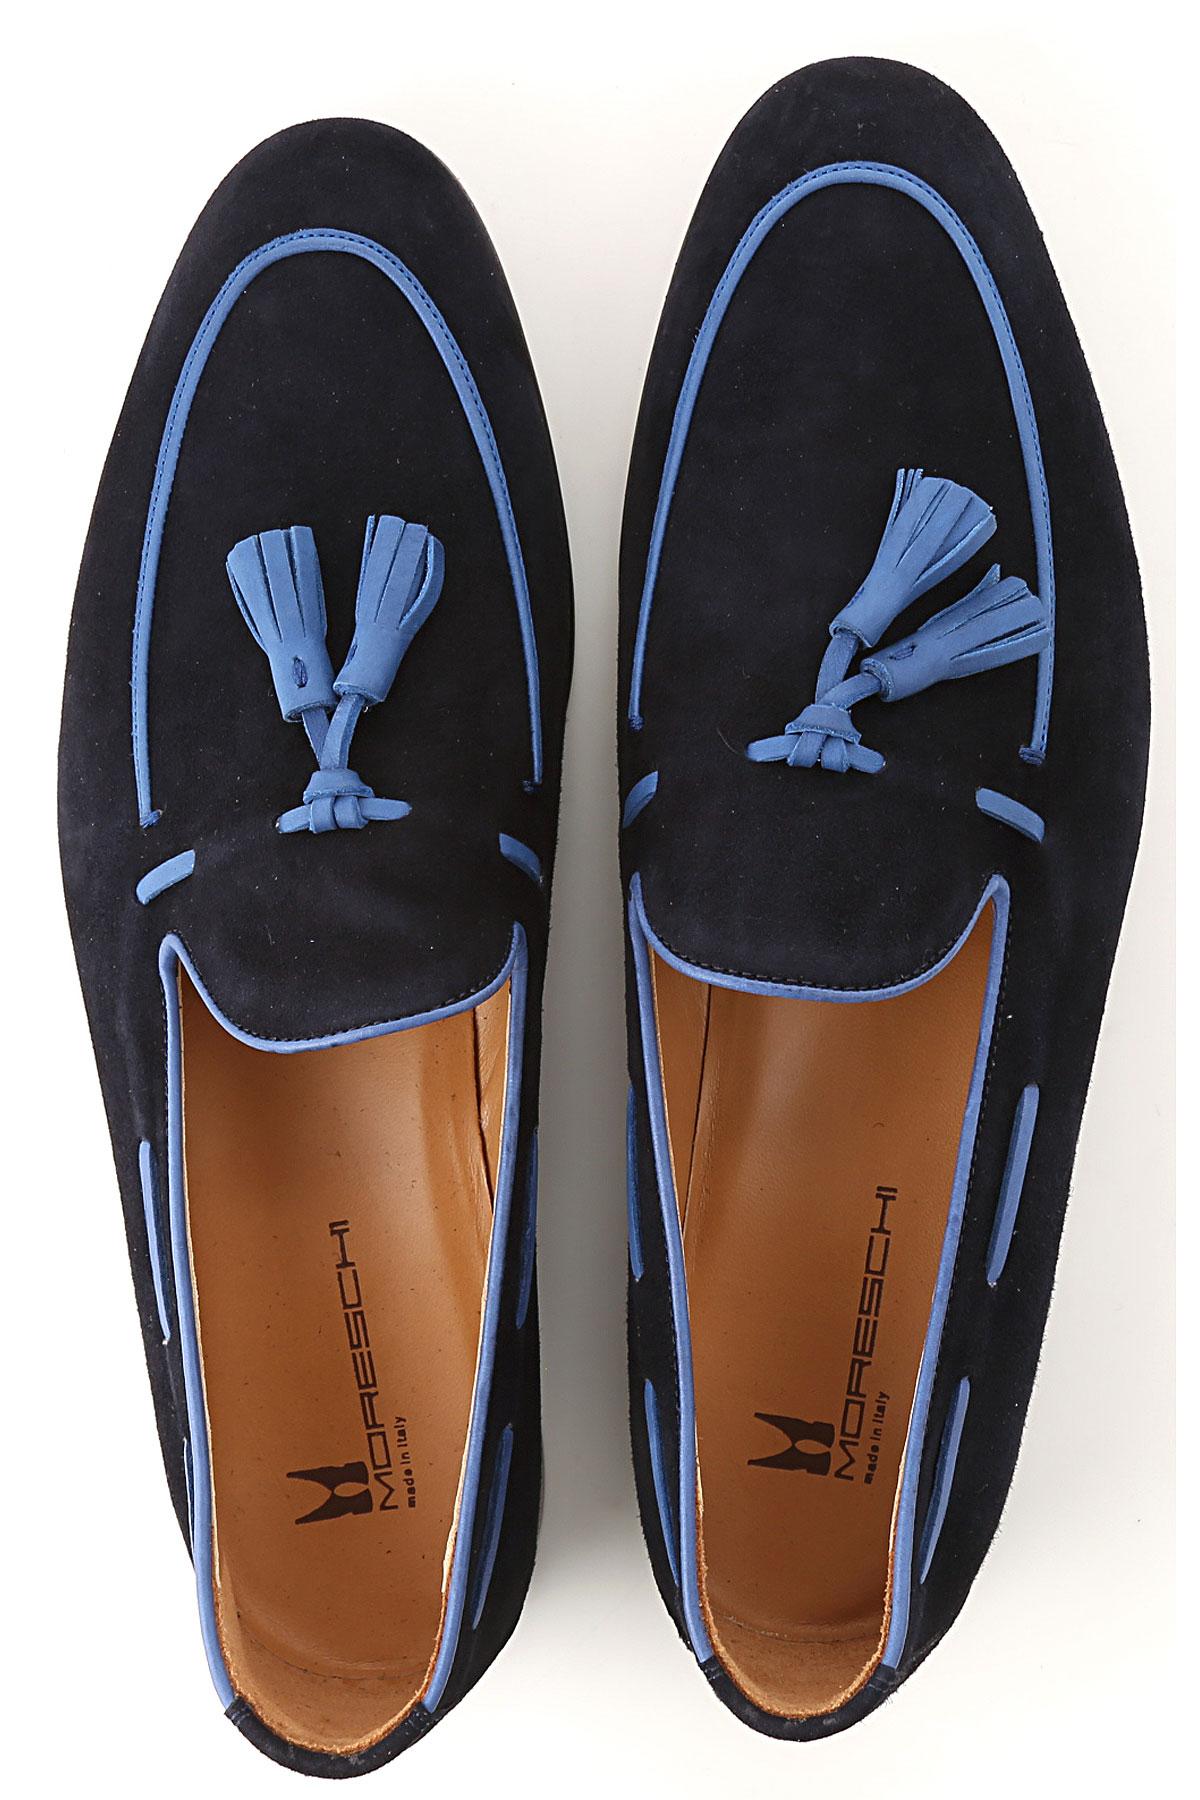 verano 2019 Medianoche Hombres Moreschi Azul Para Oscuro Primavera Zapatos x4fqBTwR1